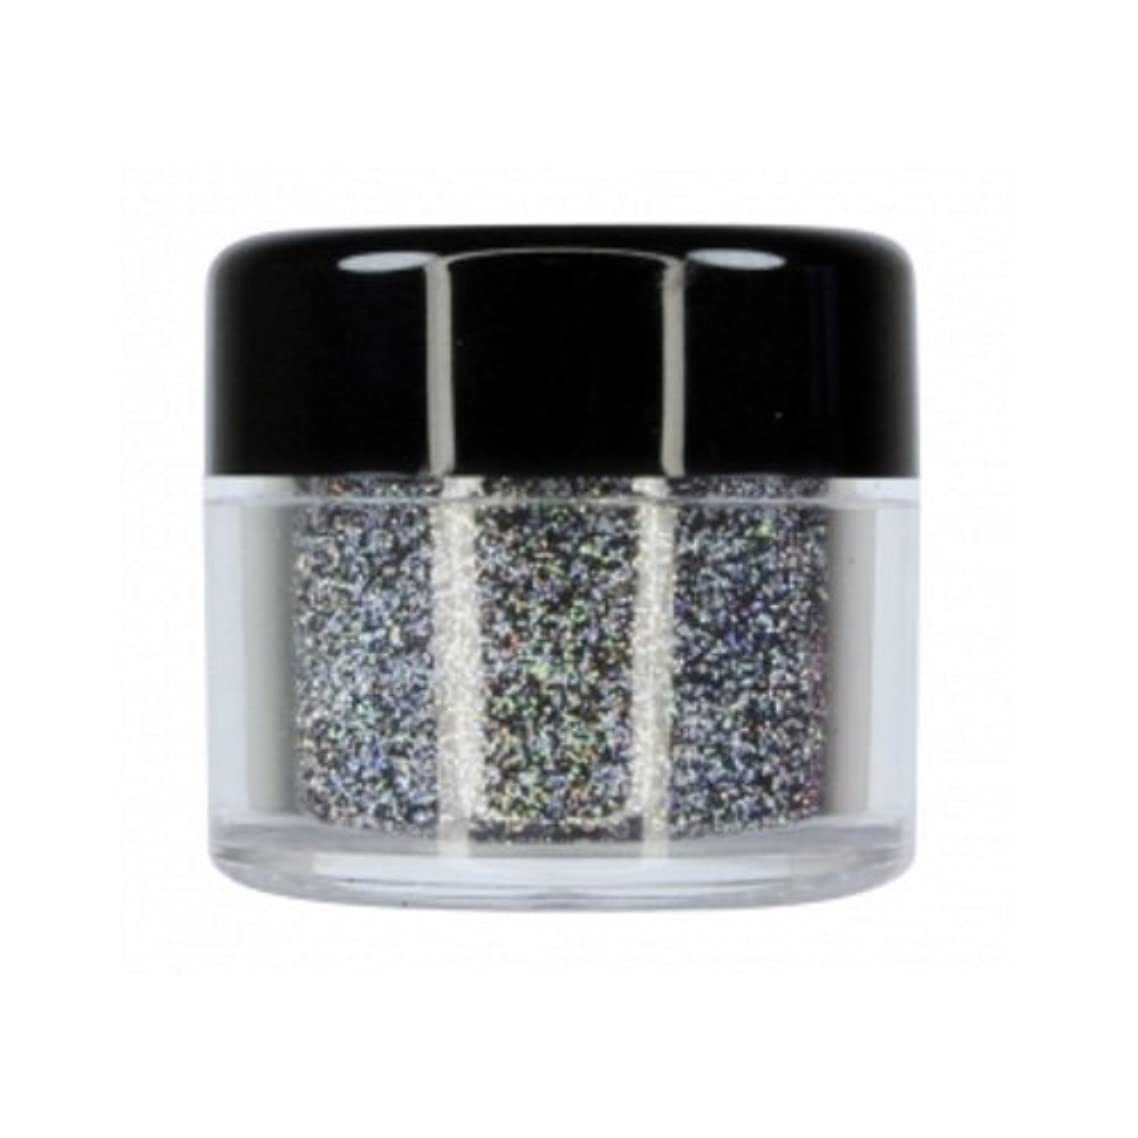 絶え間ない価格不格好(3 Pack) CITY COLOR Sparkle & Shine Ultra Fine Loose Glitter - Stroke Of Midnight (並行輸入品)